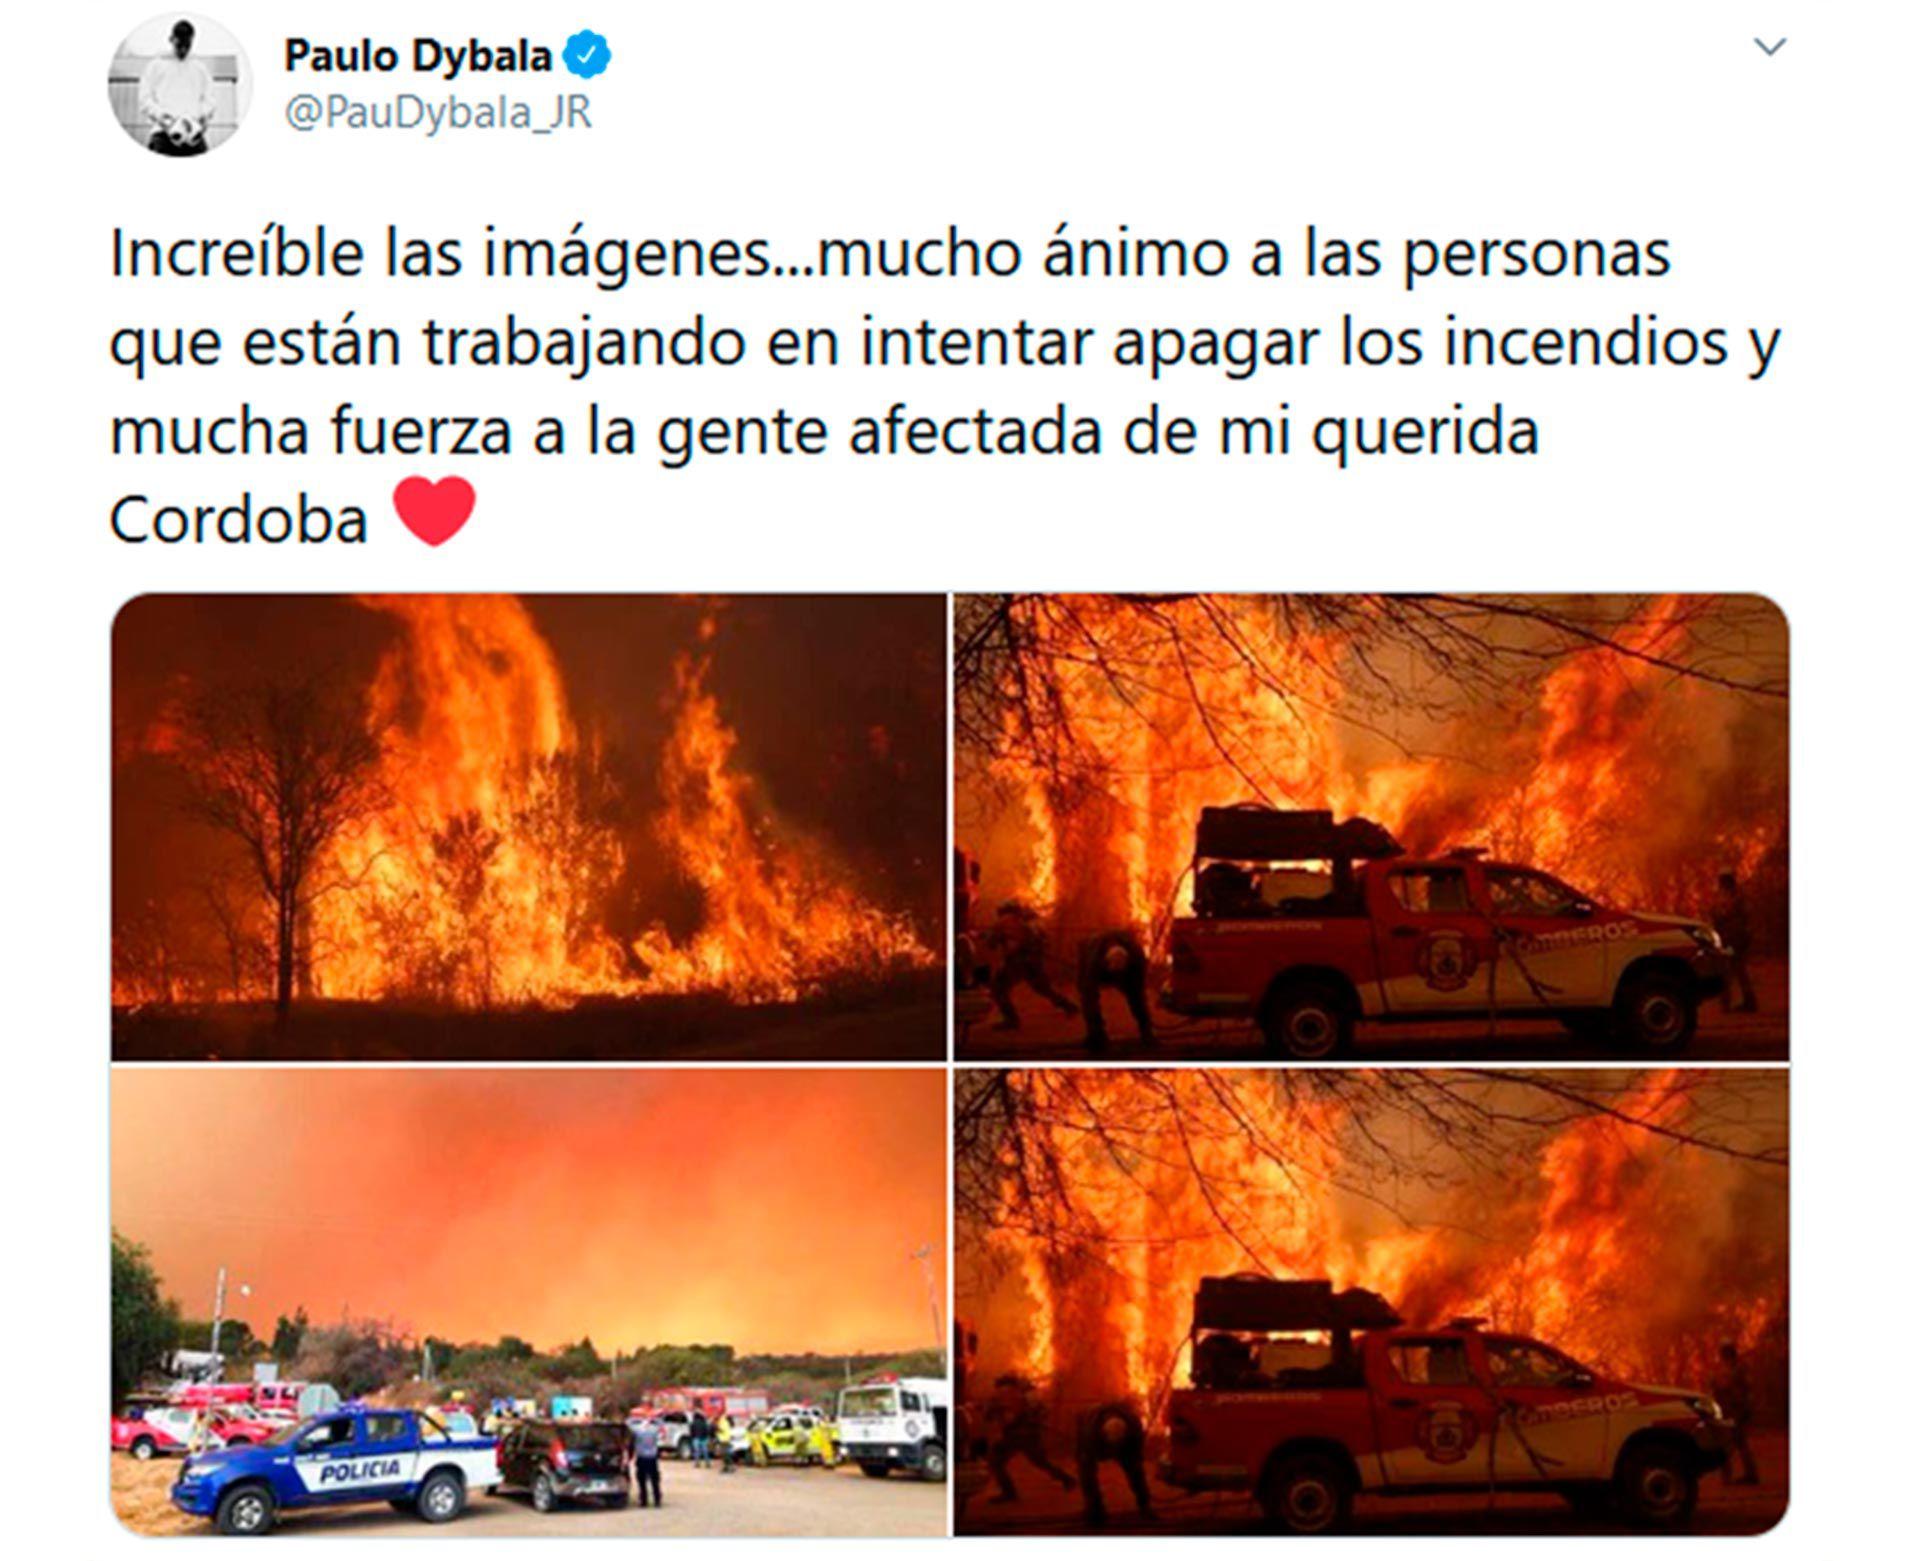 Dybala conmocionado por los incendios en cordoba SF